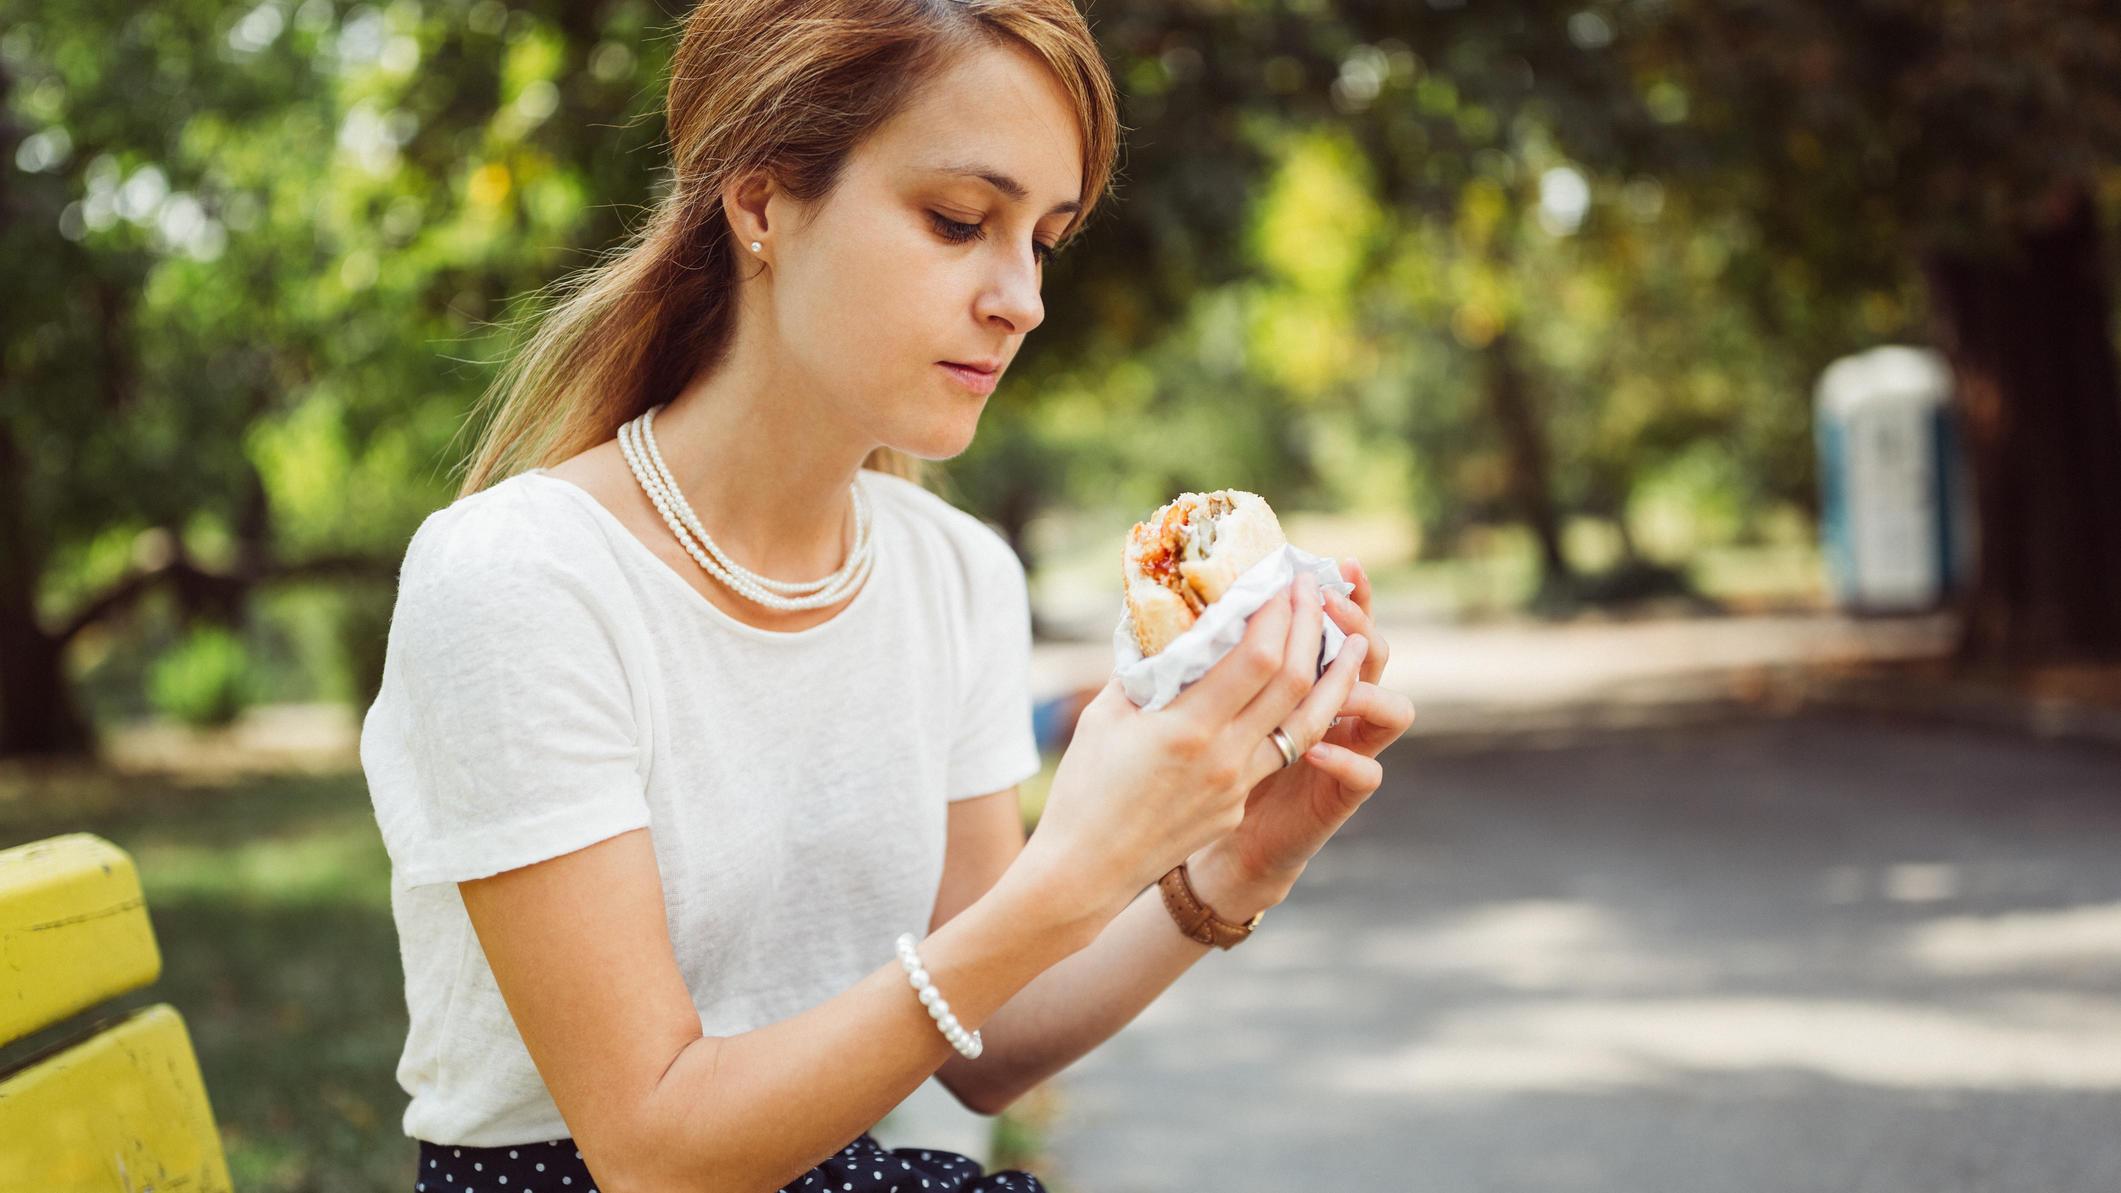 Frau ist Burger alleine im Park.